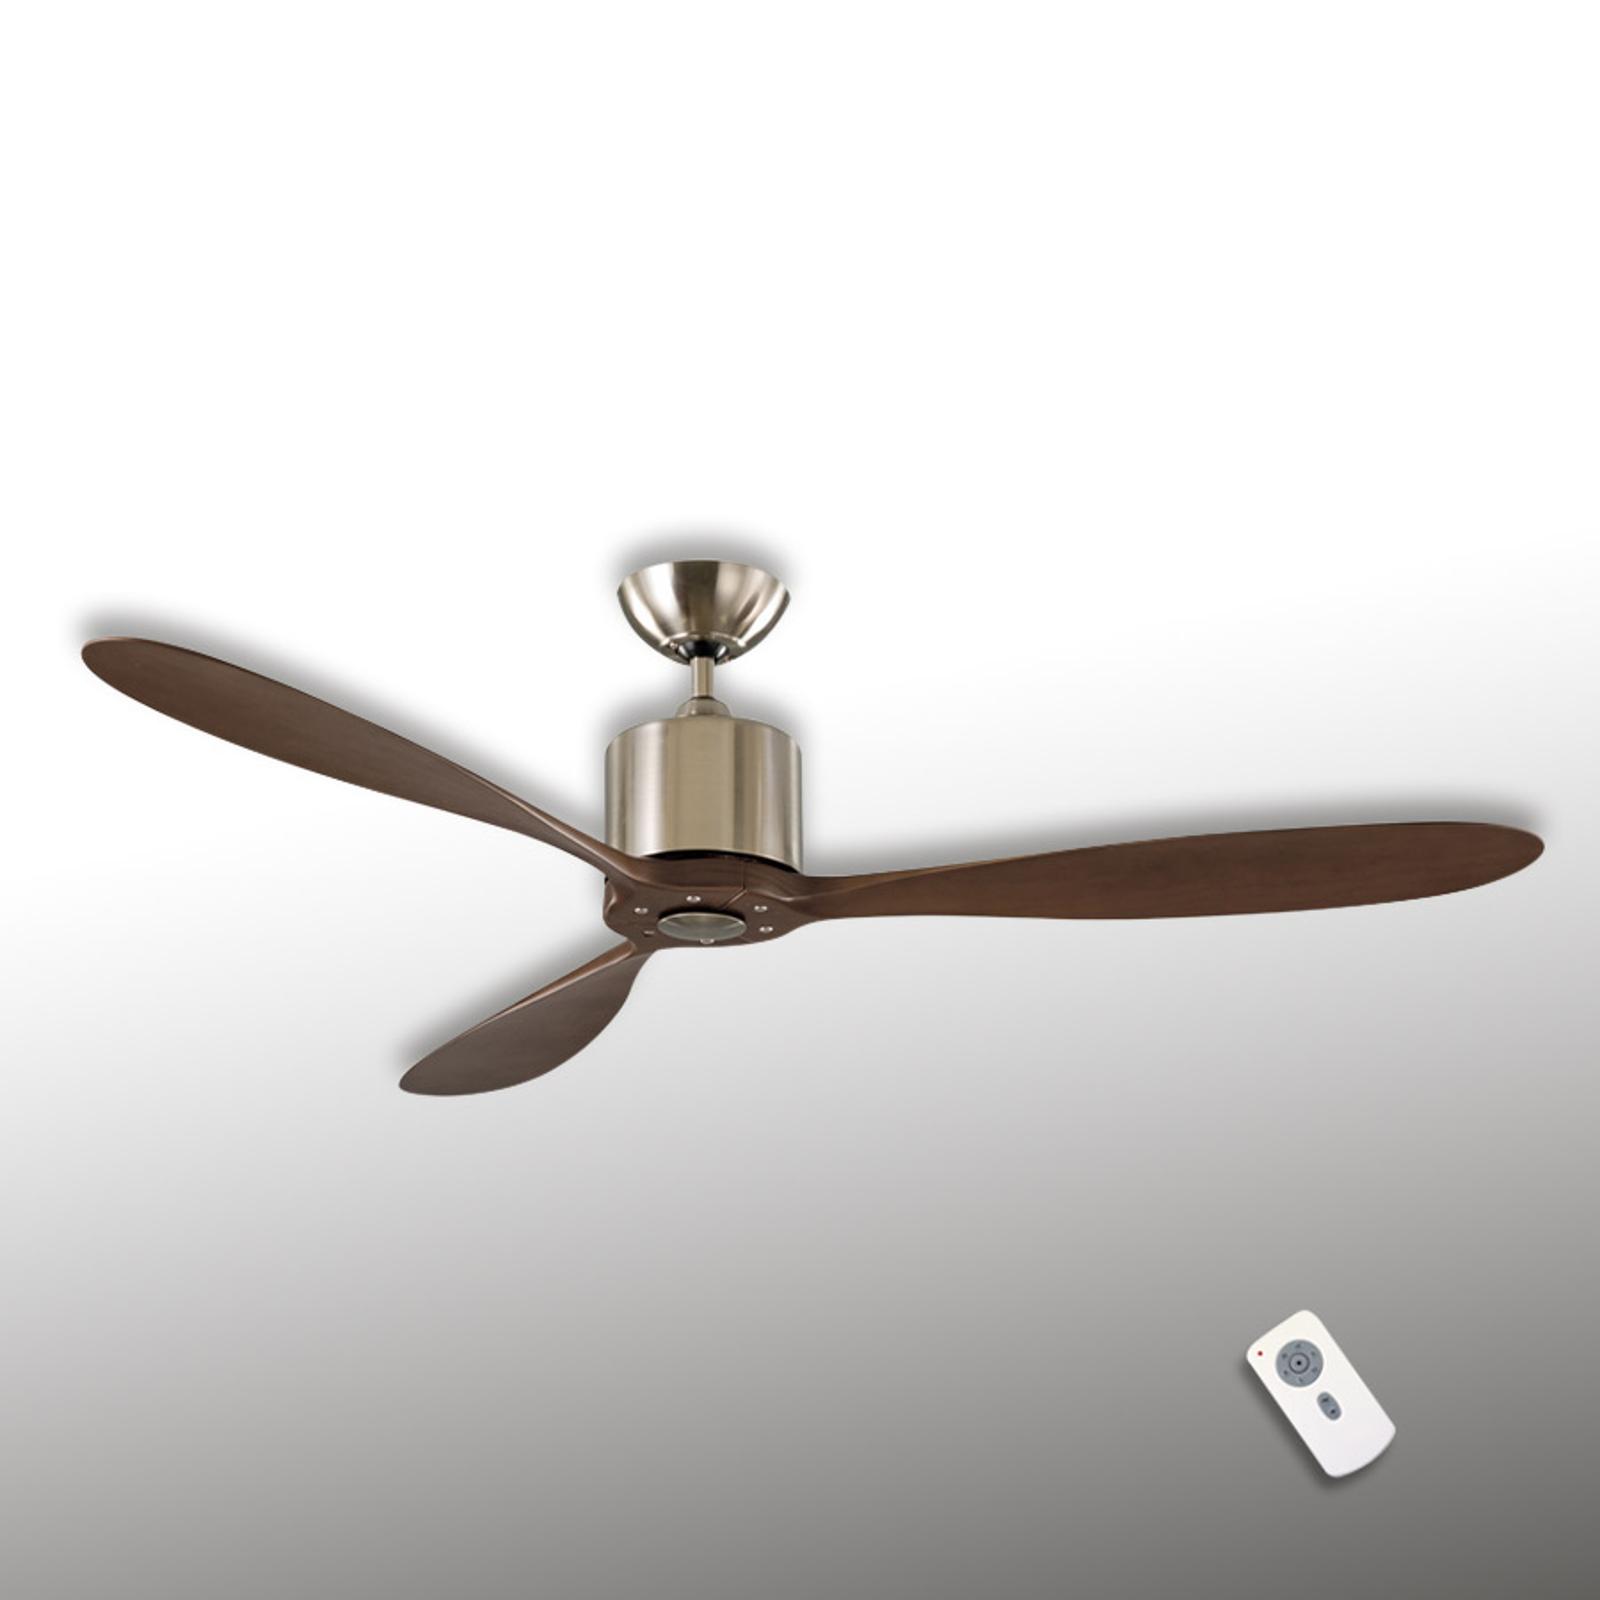 Ventilateur de plafond Aeroplan Eco, chromé, noyer